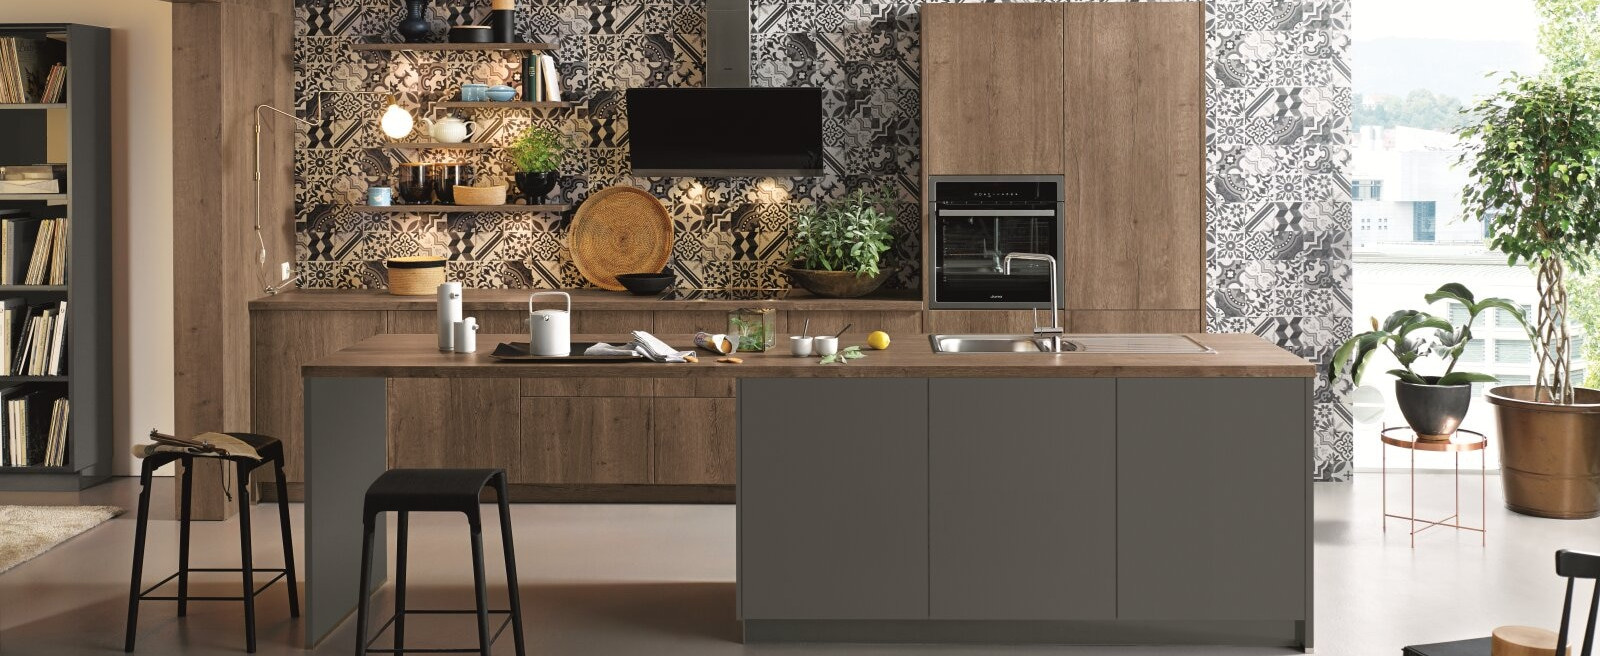 Aviva Cuisines - L'Usine Mode et Maison